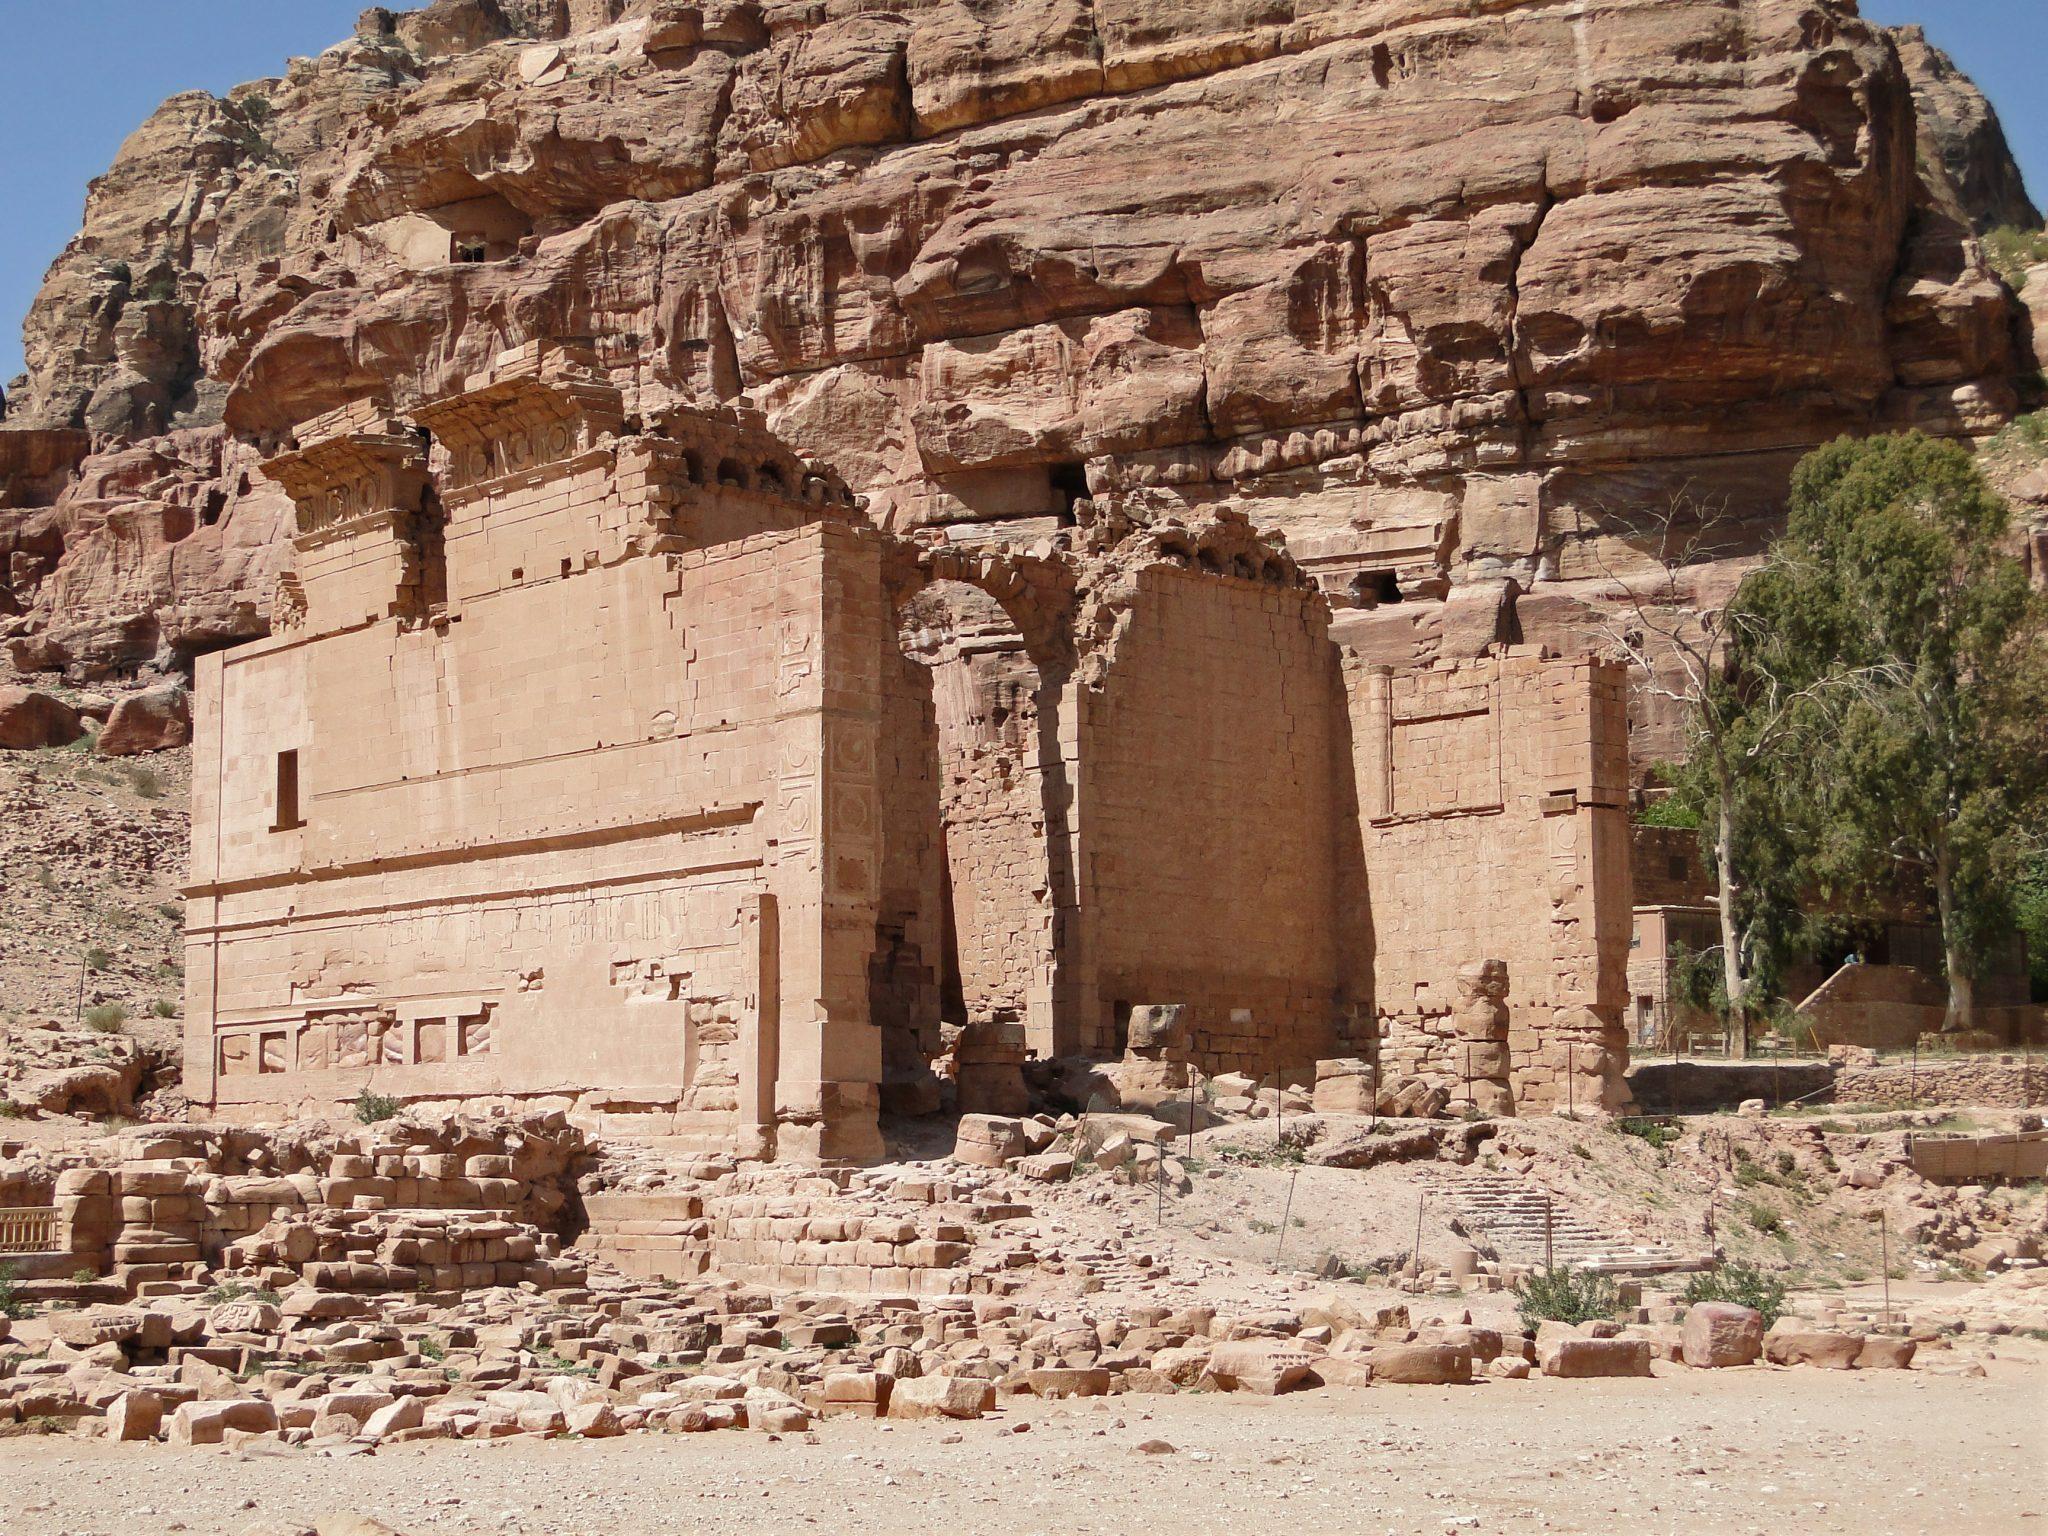 Qasr_al-Bint